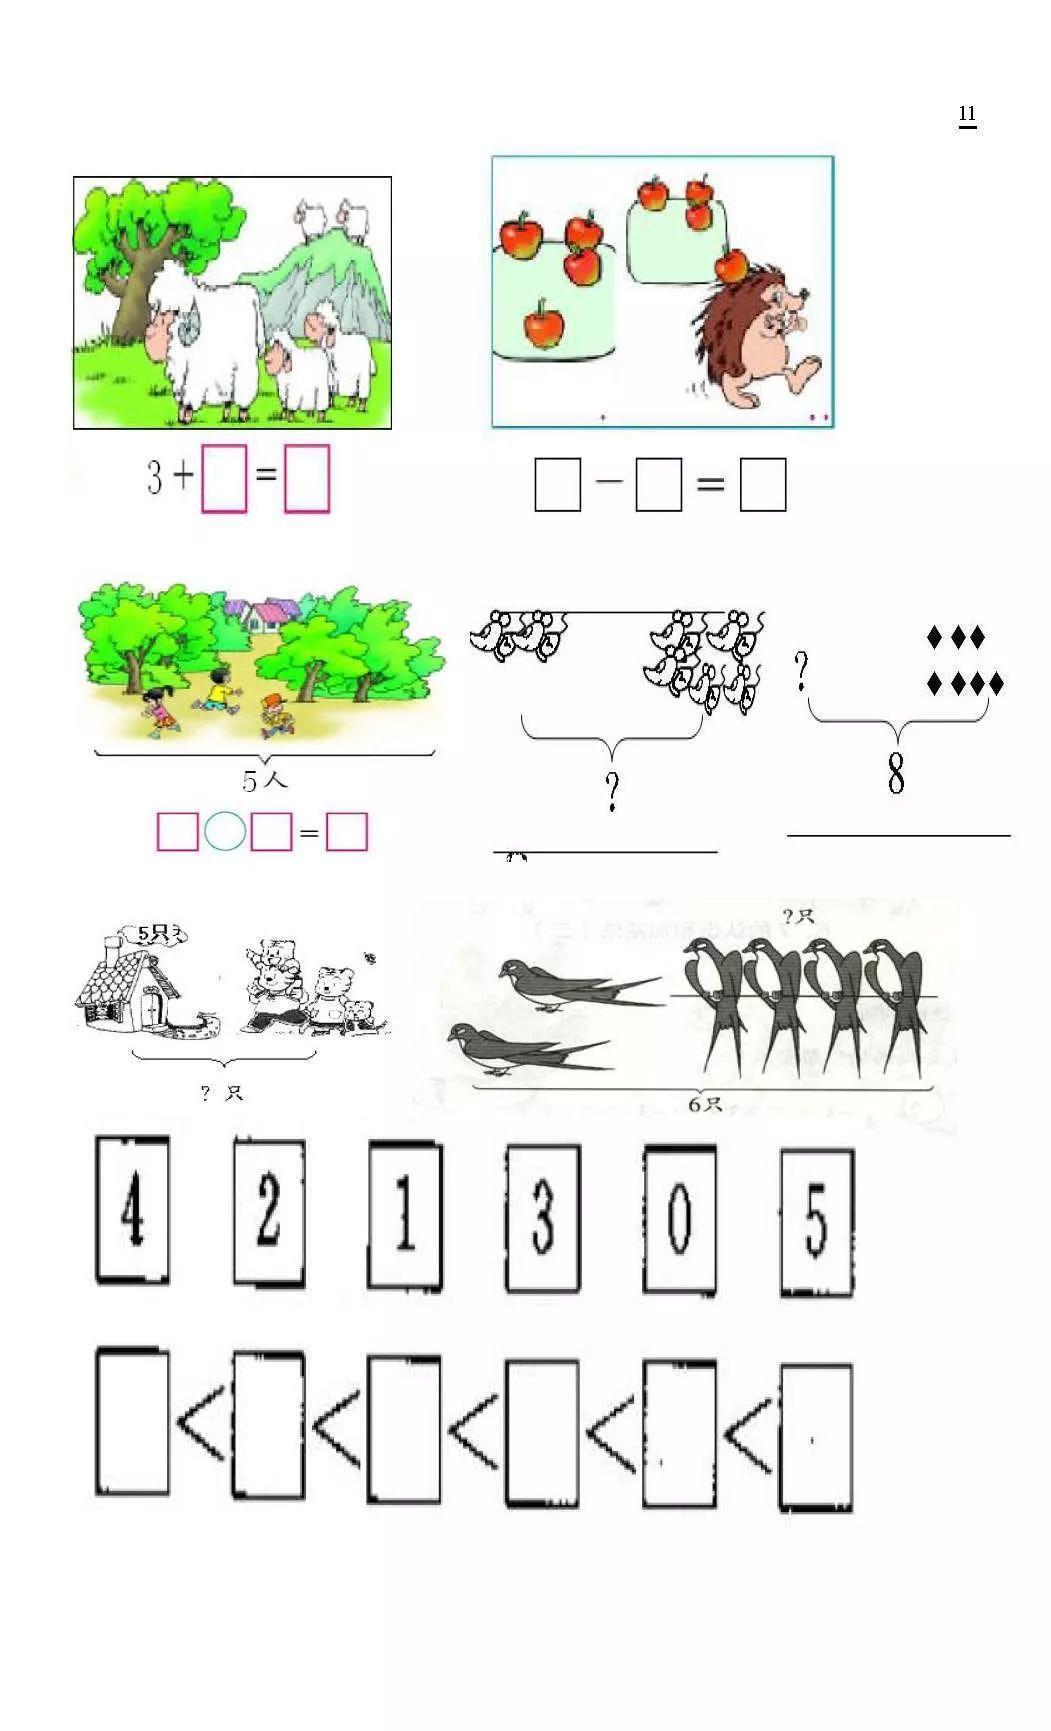 一年级数学上册看图列式测试题,给孩子下载练习!图片